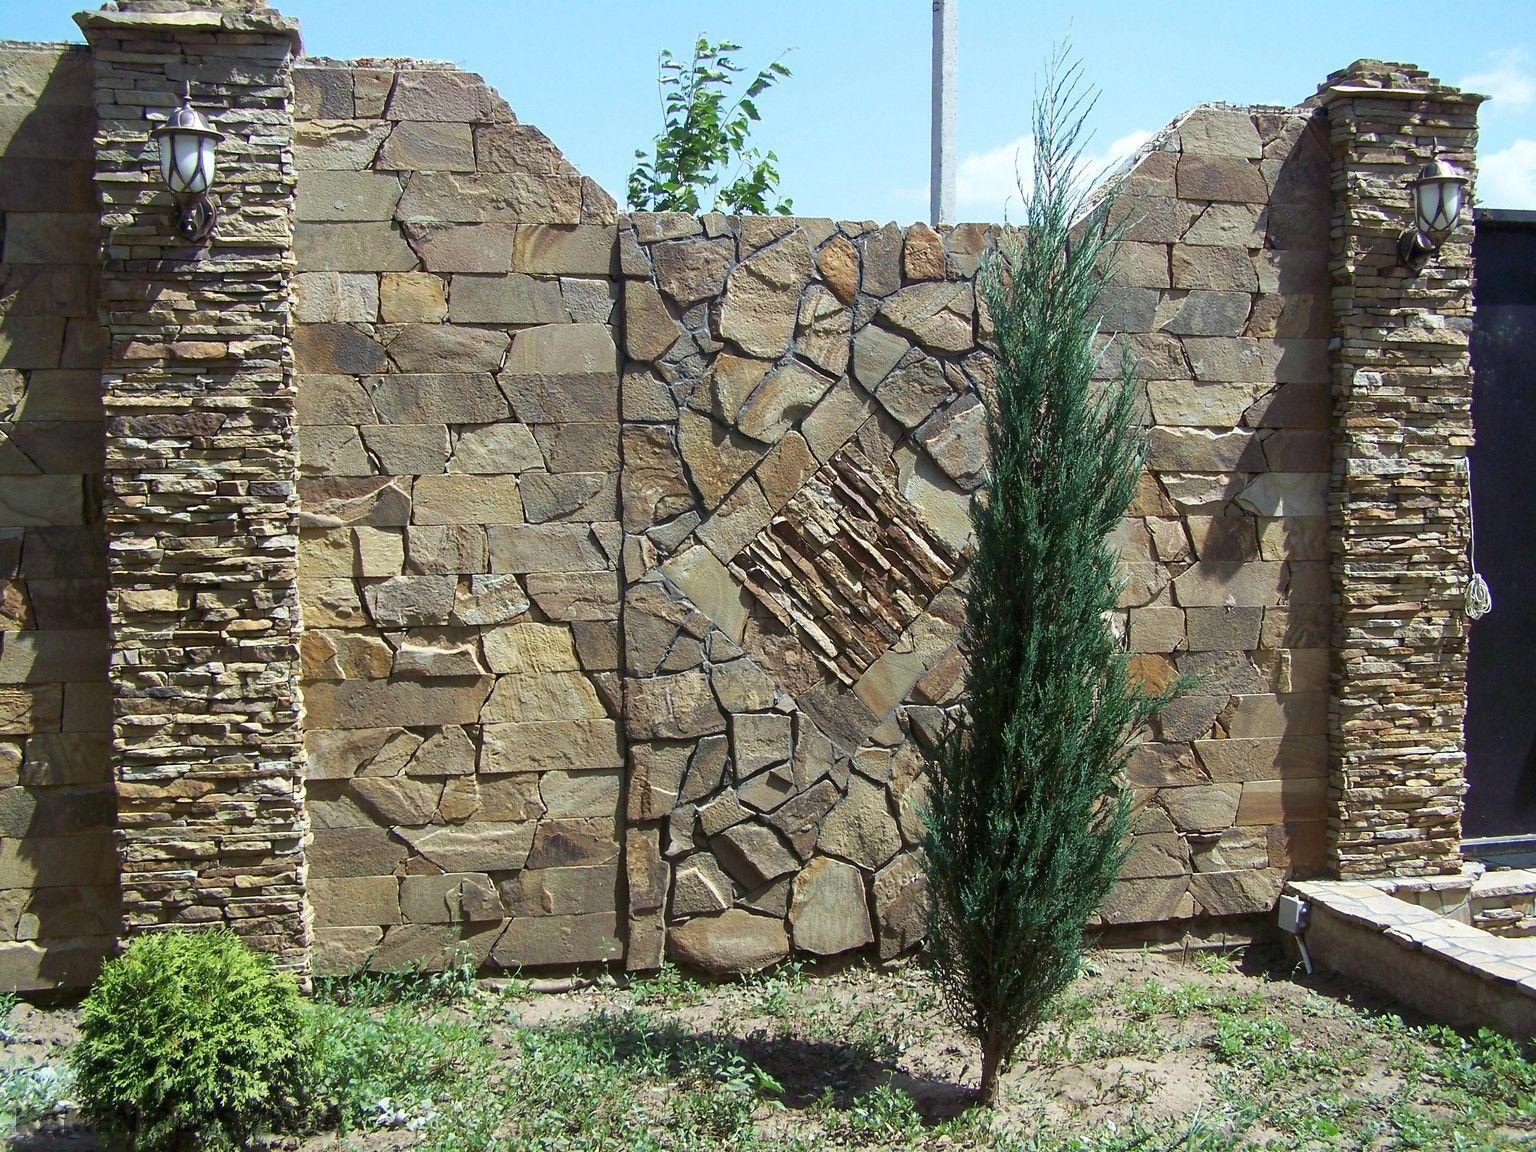 каменные заборы картинки входа